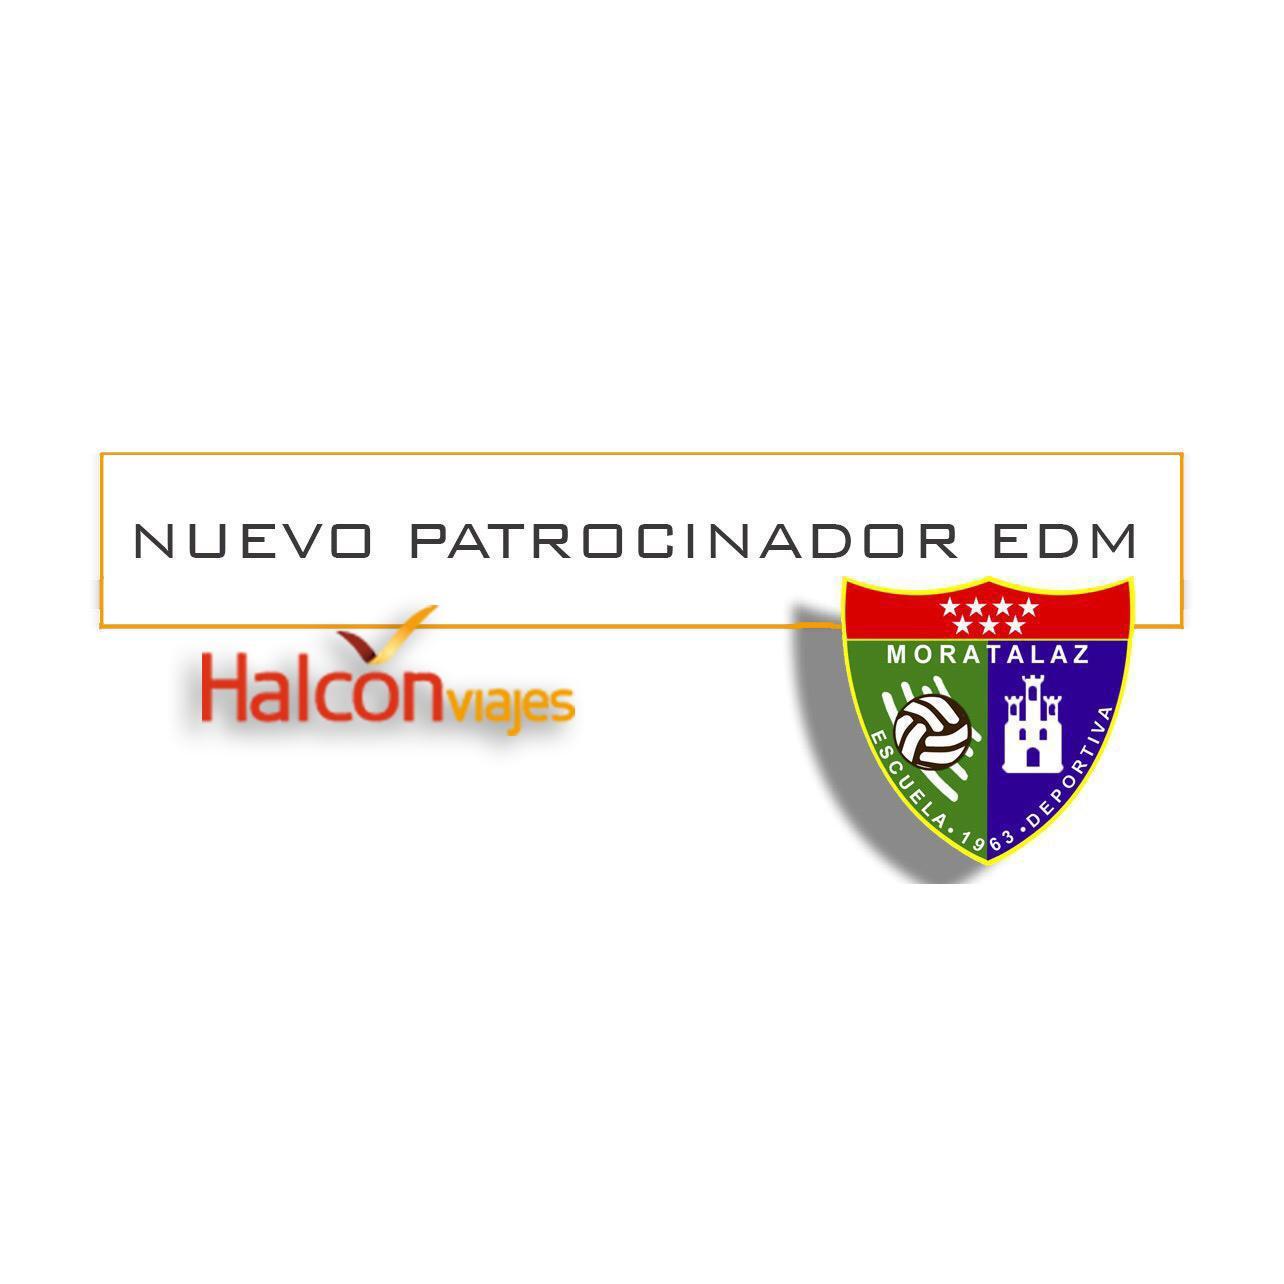 ¡Halcón Viajes, nuevo patrocinador de la EDM!